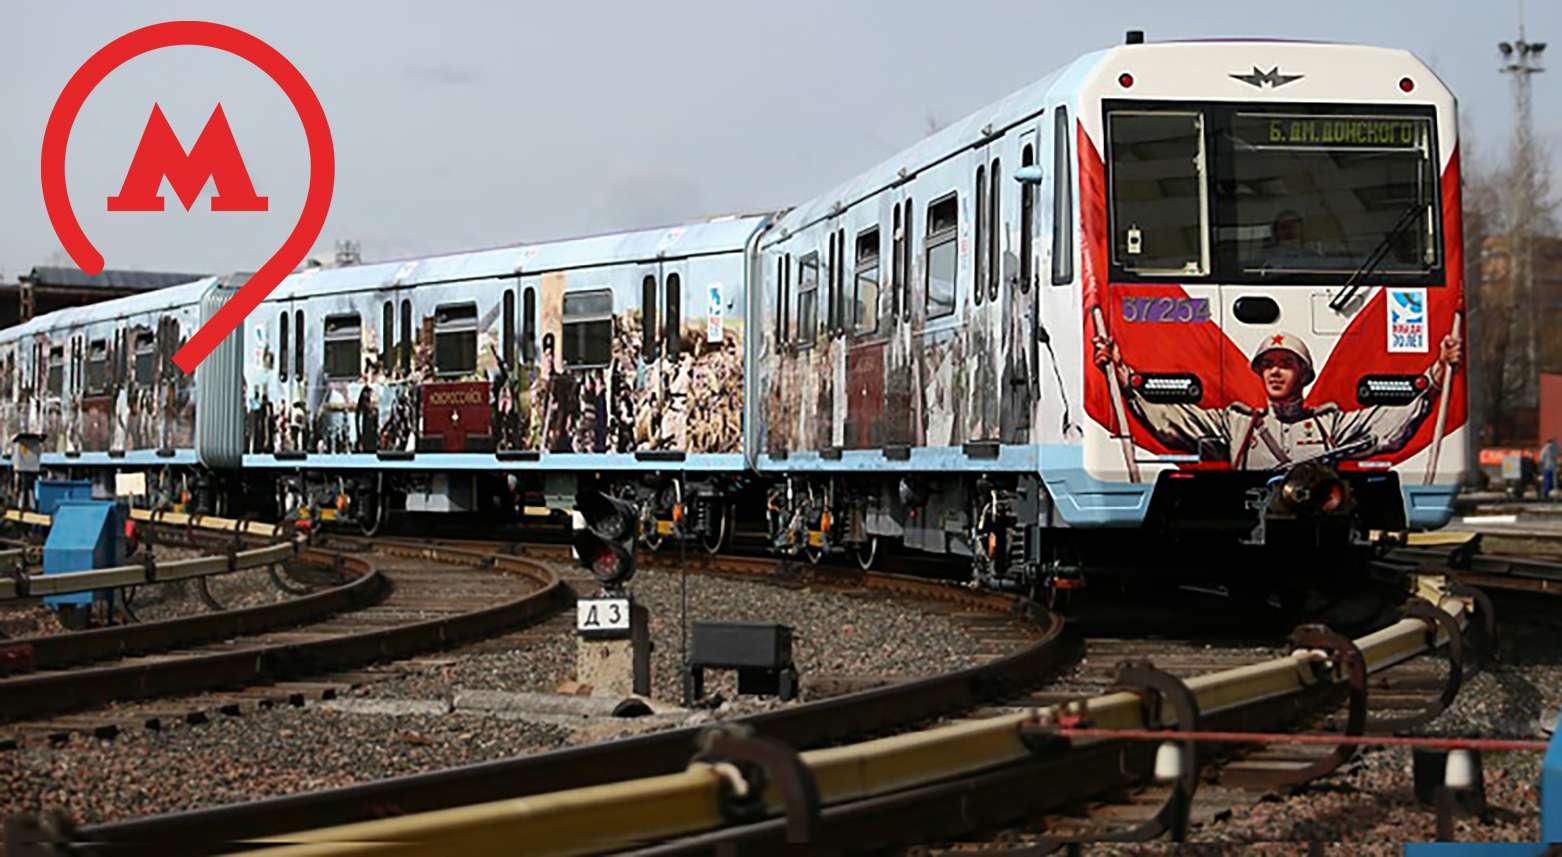 Μετρό Μόσχας 70 years of Victory